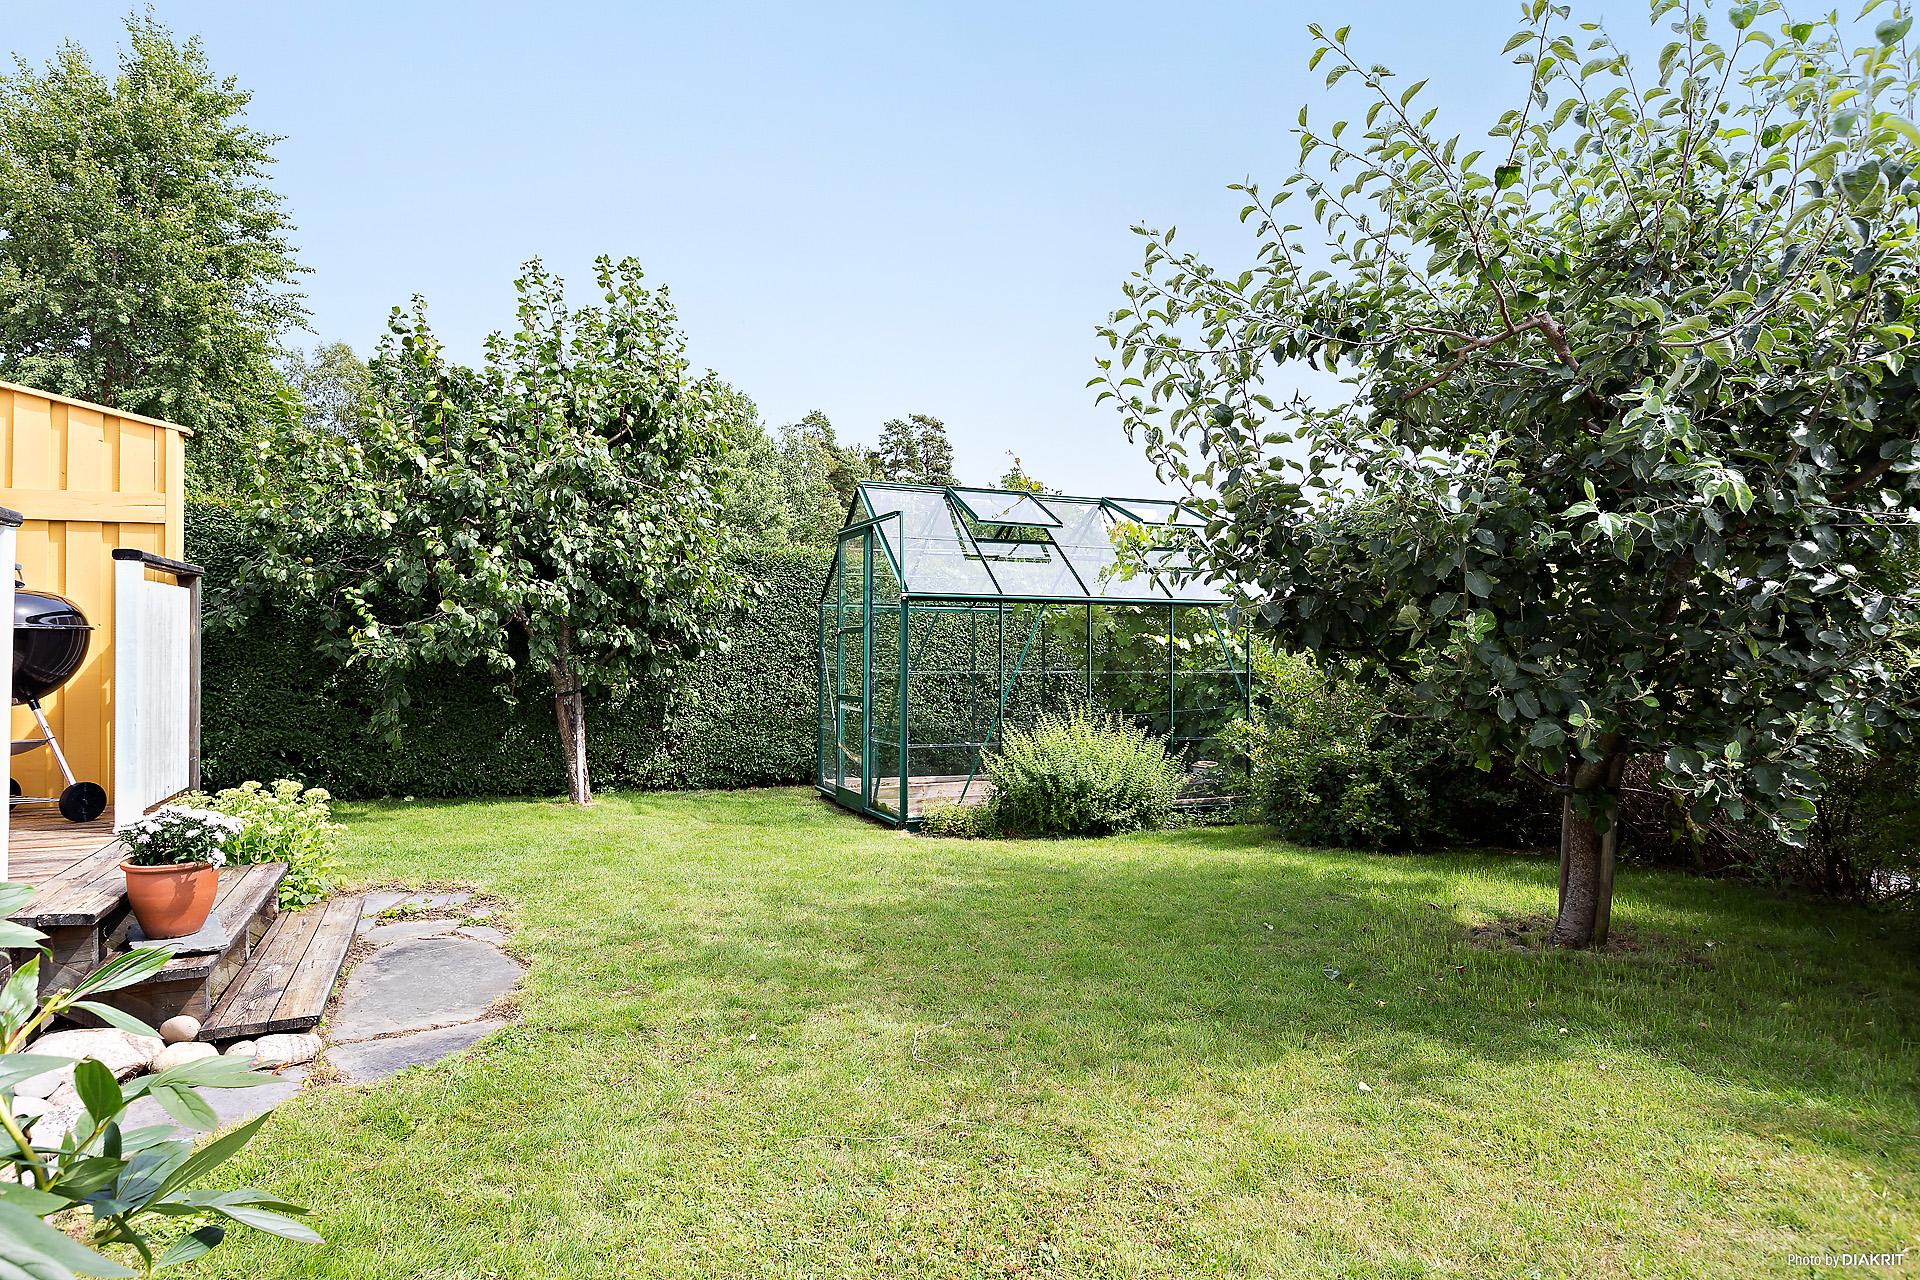 Trevlig trädgård med växthus, bärbuskar samt äpple- och plommonträd.